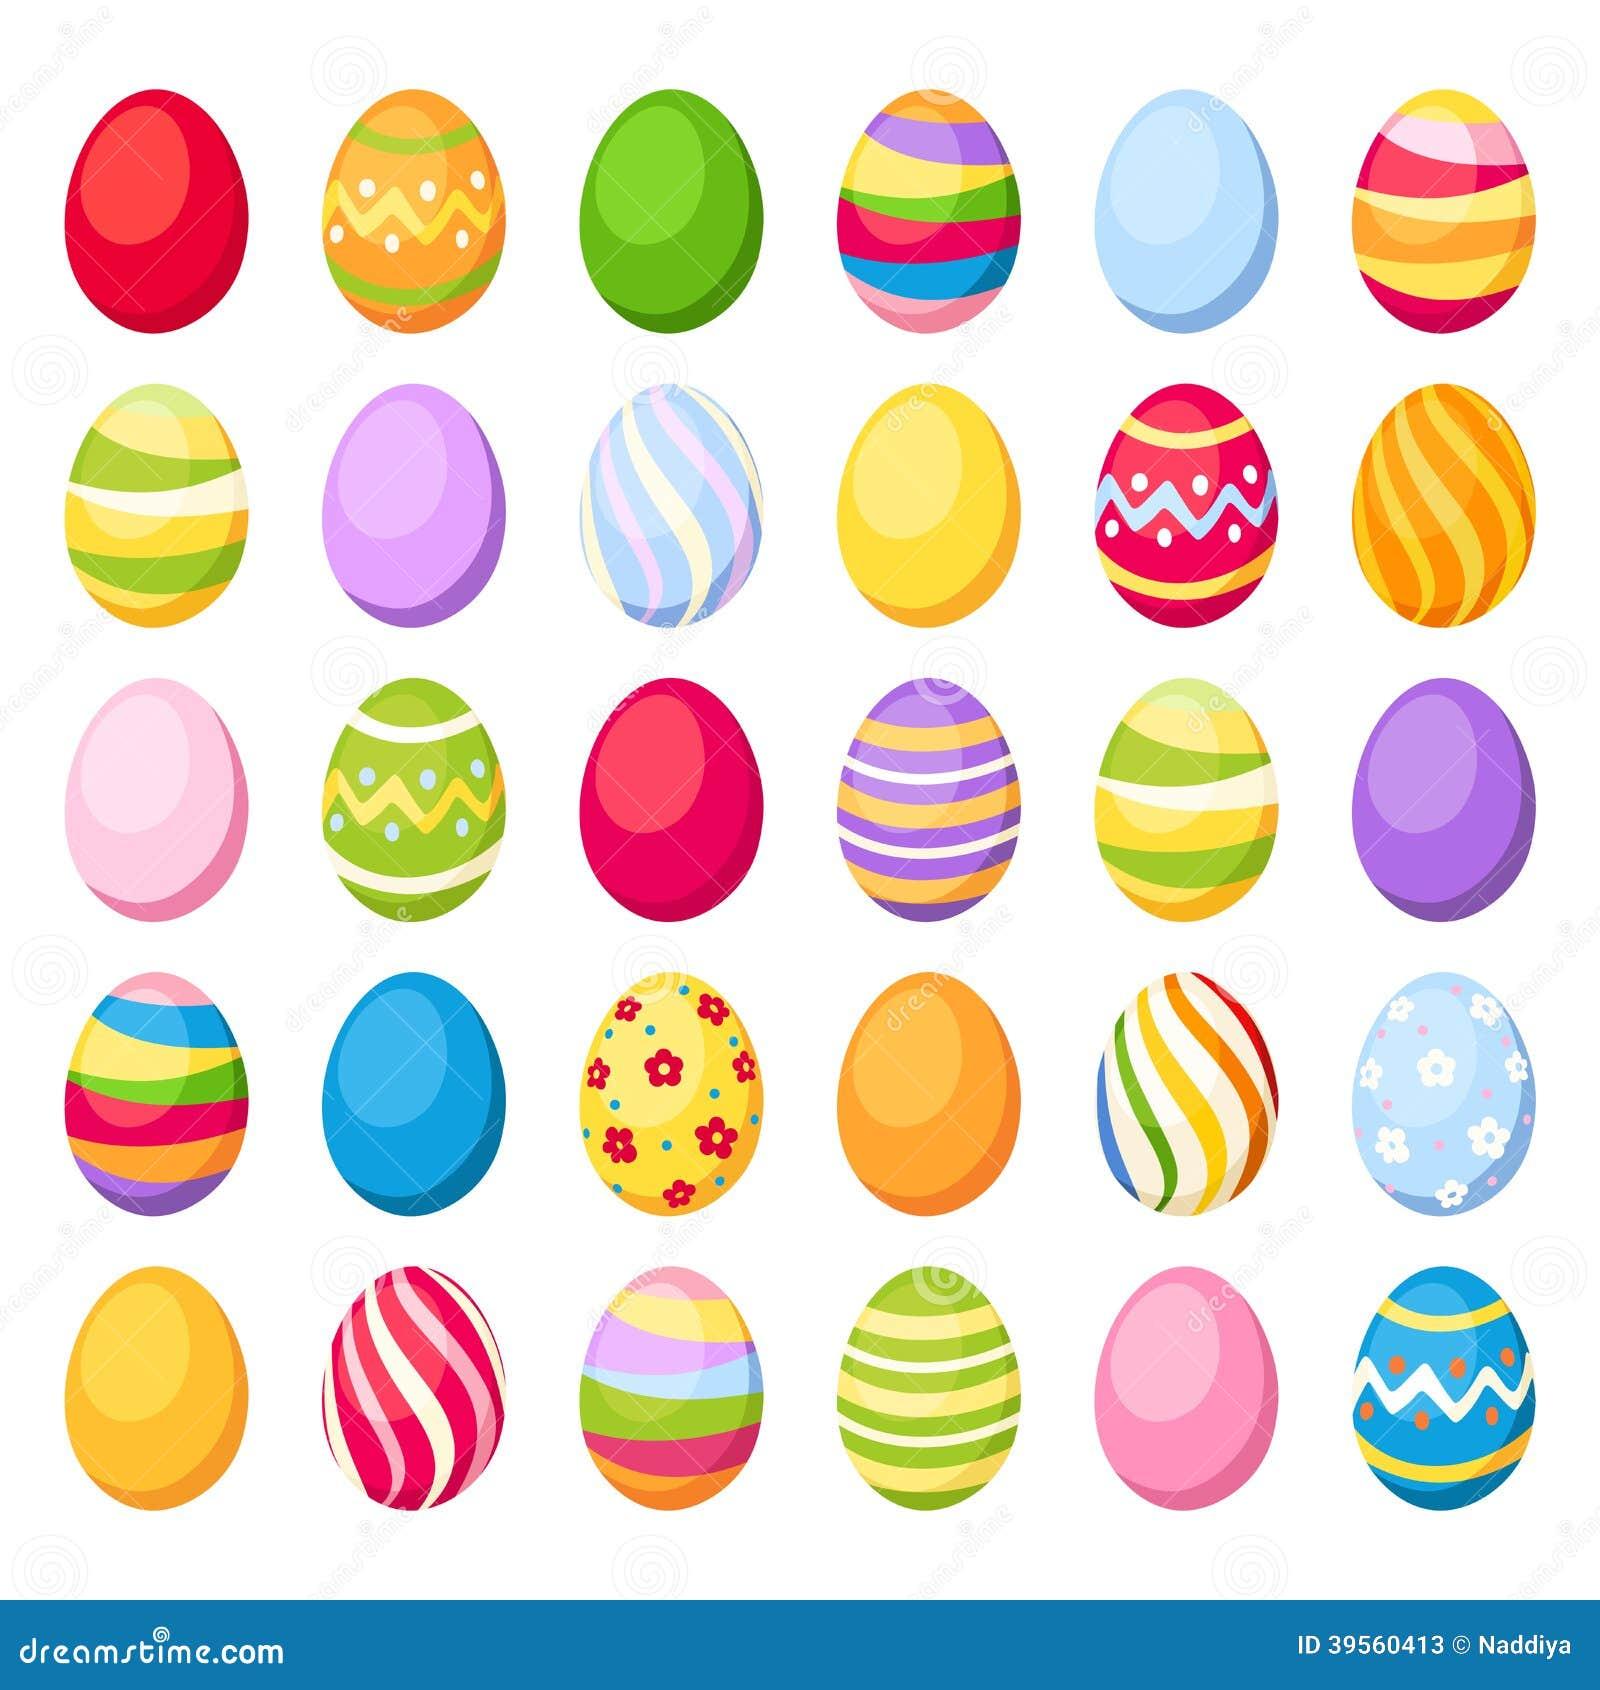 Färgrika ägg för påsk. Vektorillustration.